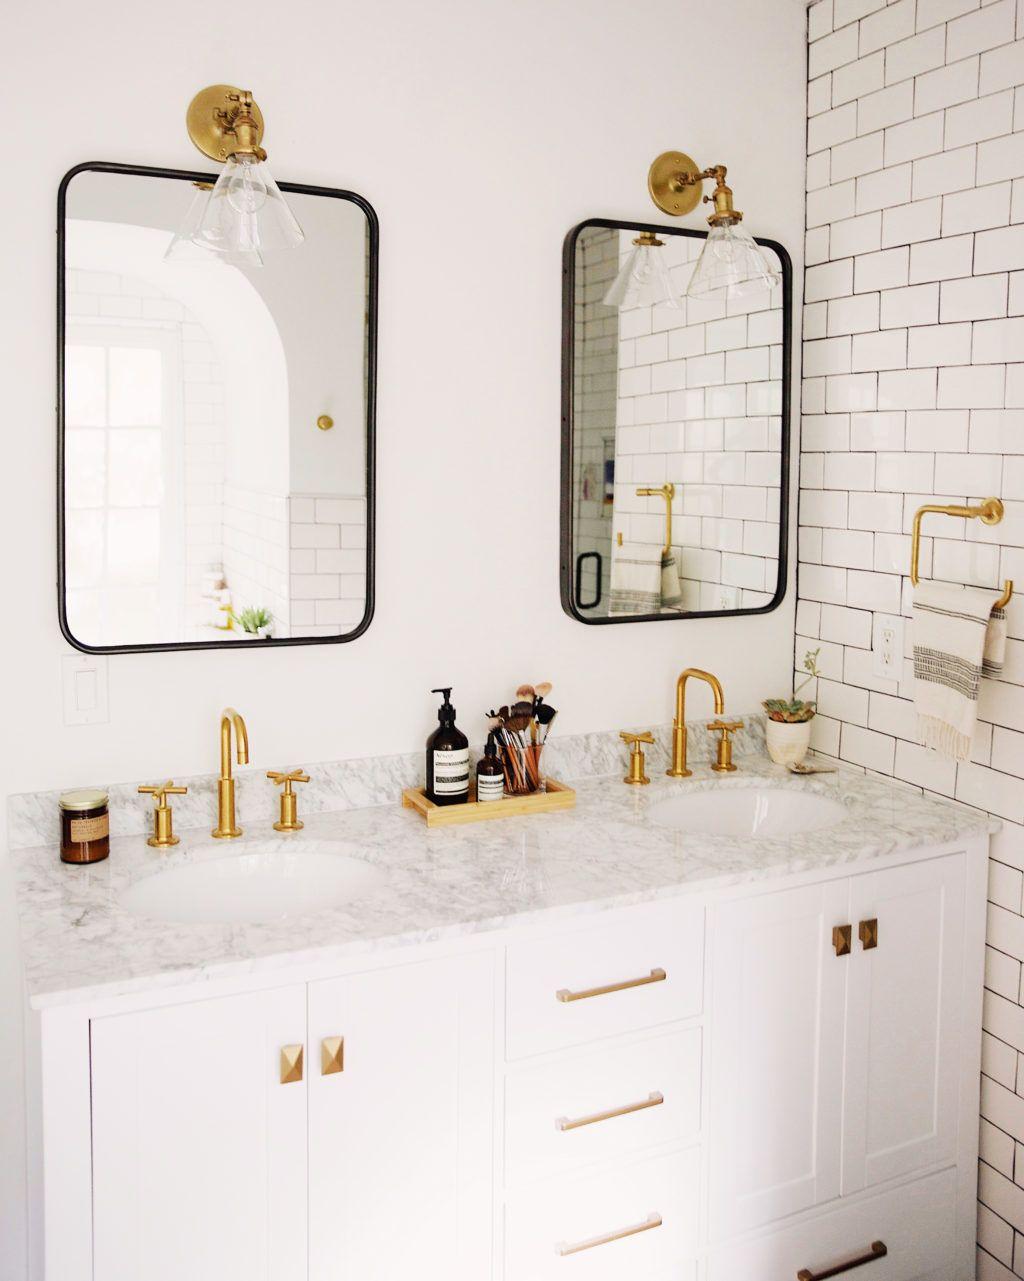 Tags rustic bathroom natural minimal monochrome - Minimal